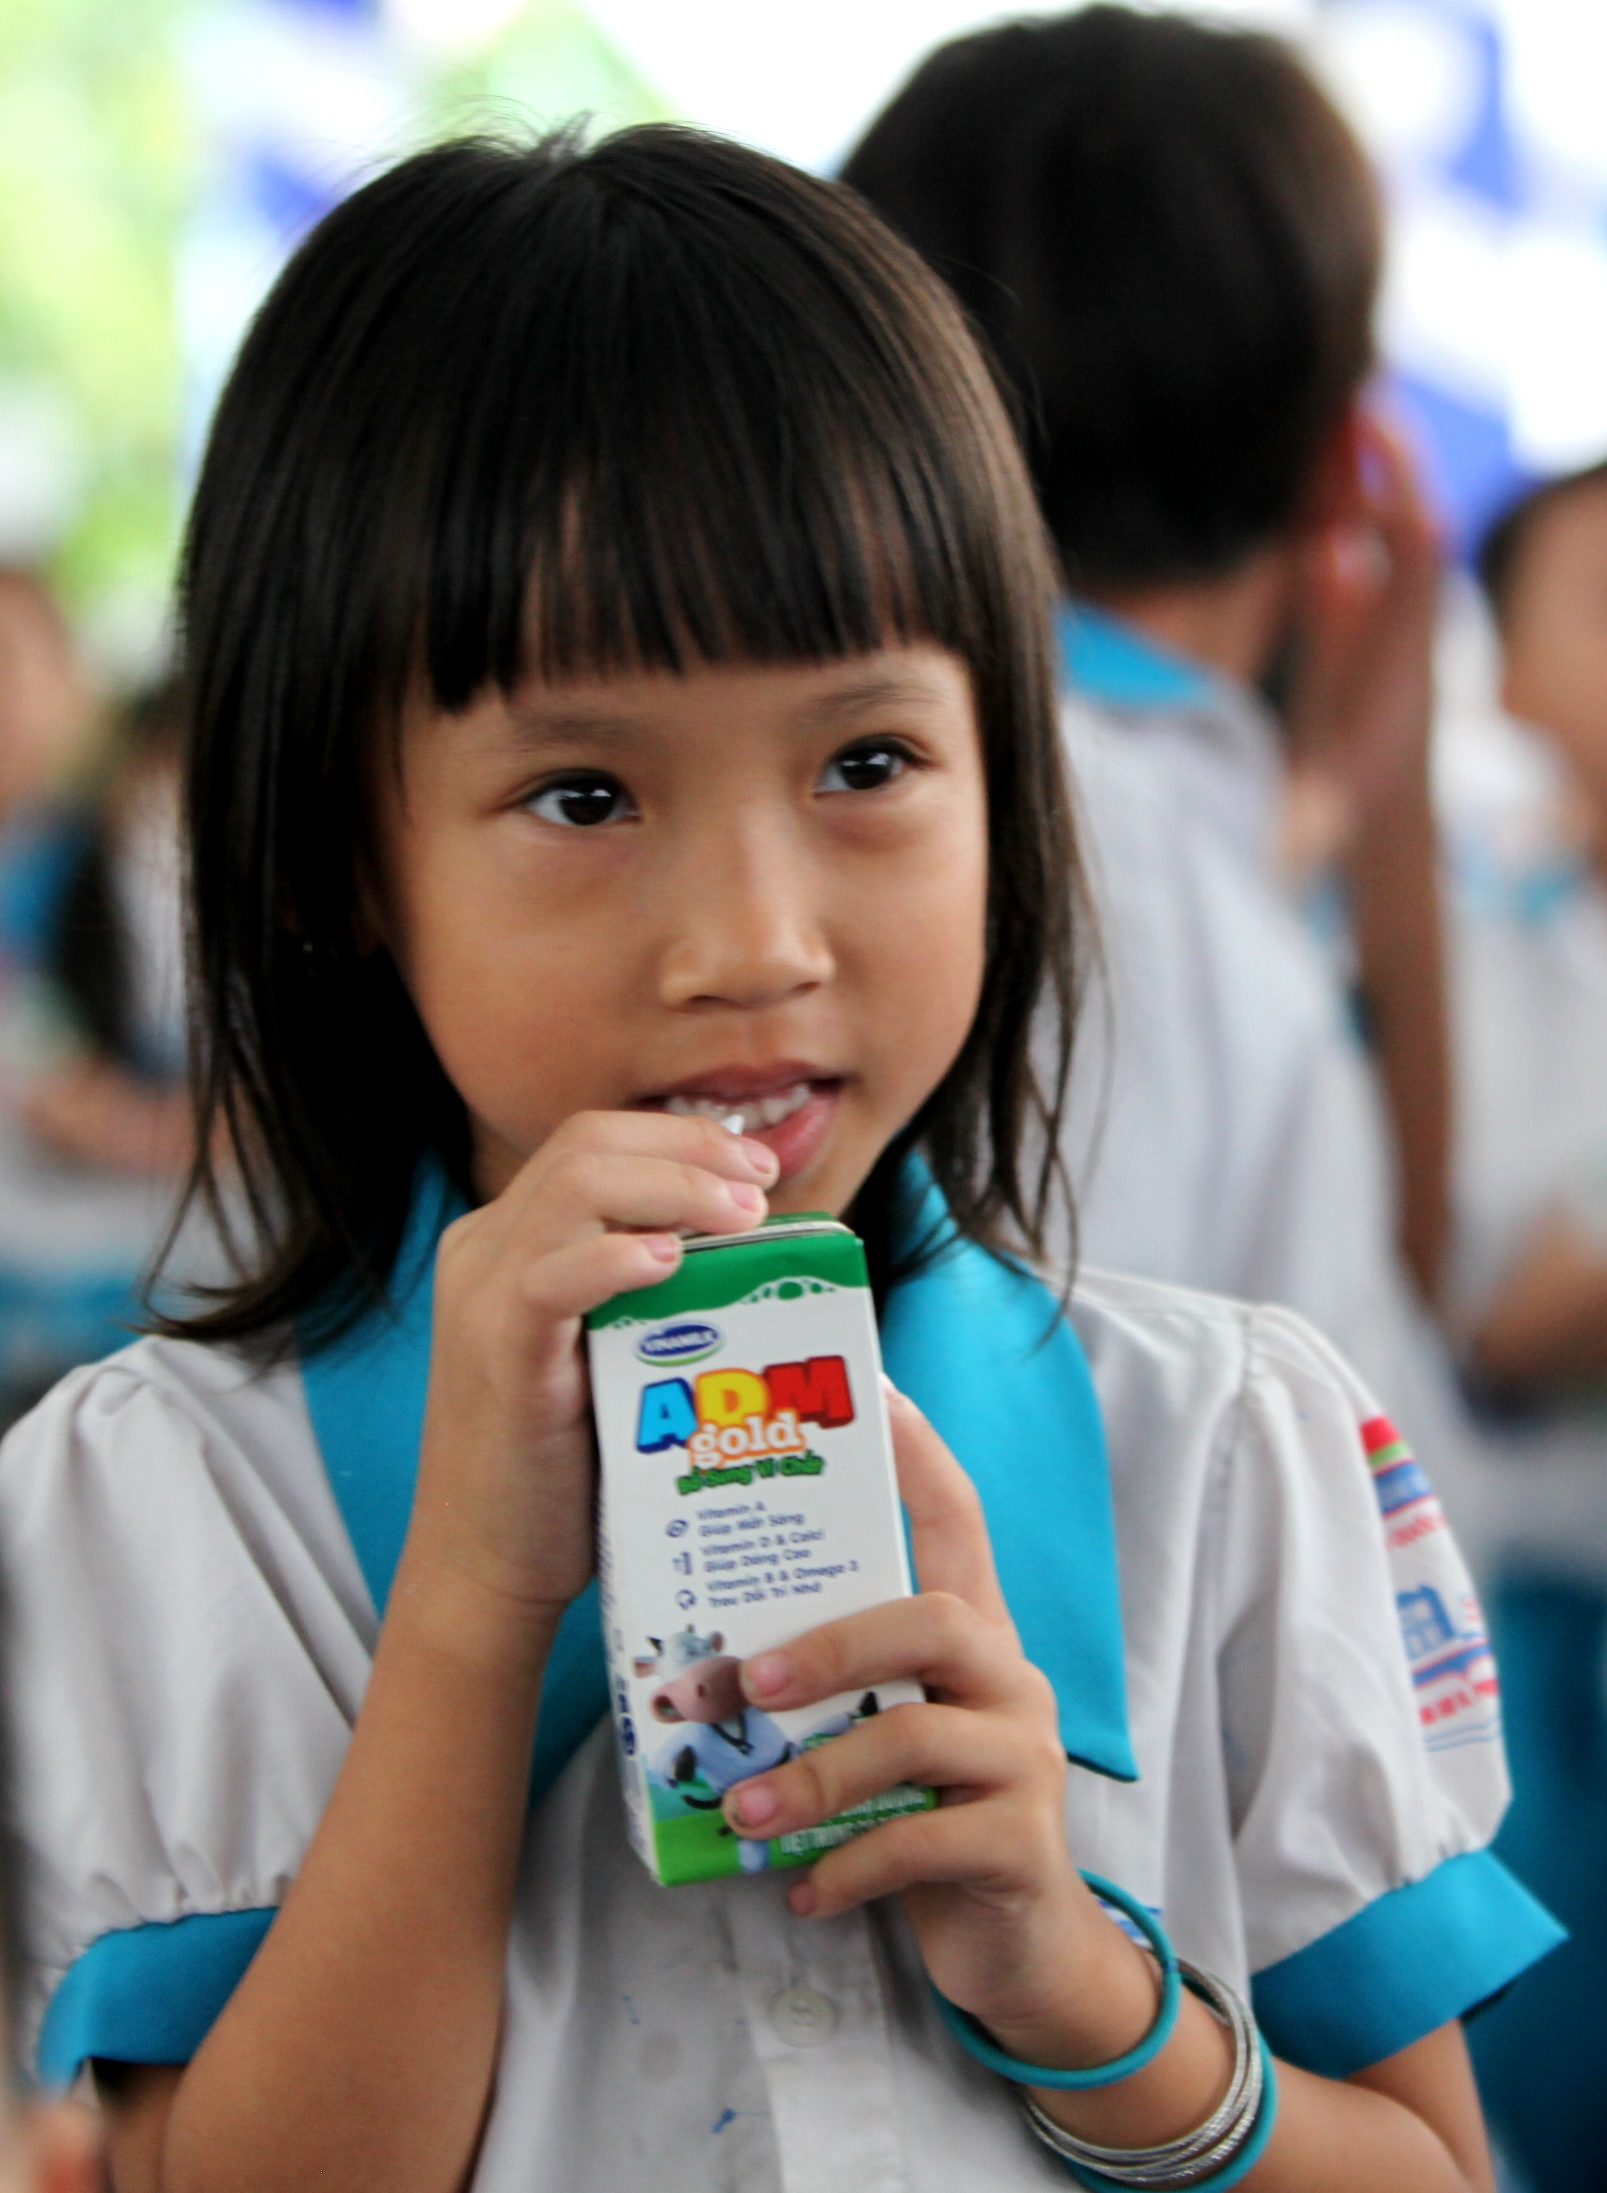 Từ năm 2008 đến nay, trải qua 9 năm hành trình Quỹ sữa Vươn Cao Việt Nam, Vinamilk đã đem đến cho hơn 373 ngàn trẻ em khó khăn tại Việt Nam gần 30 triệu ly sữa, tương đương 120 tỷ đồng.